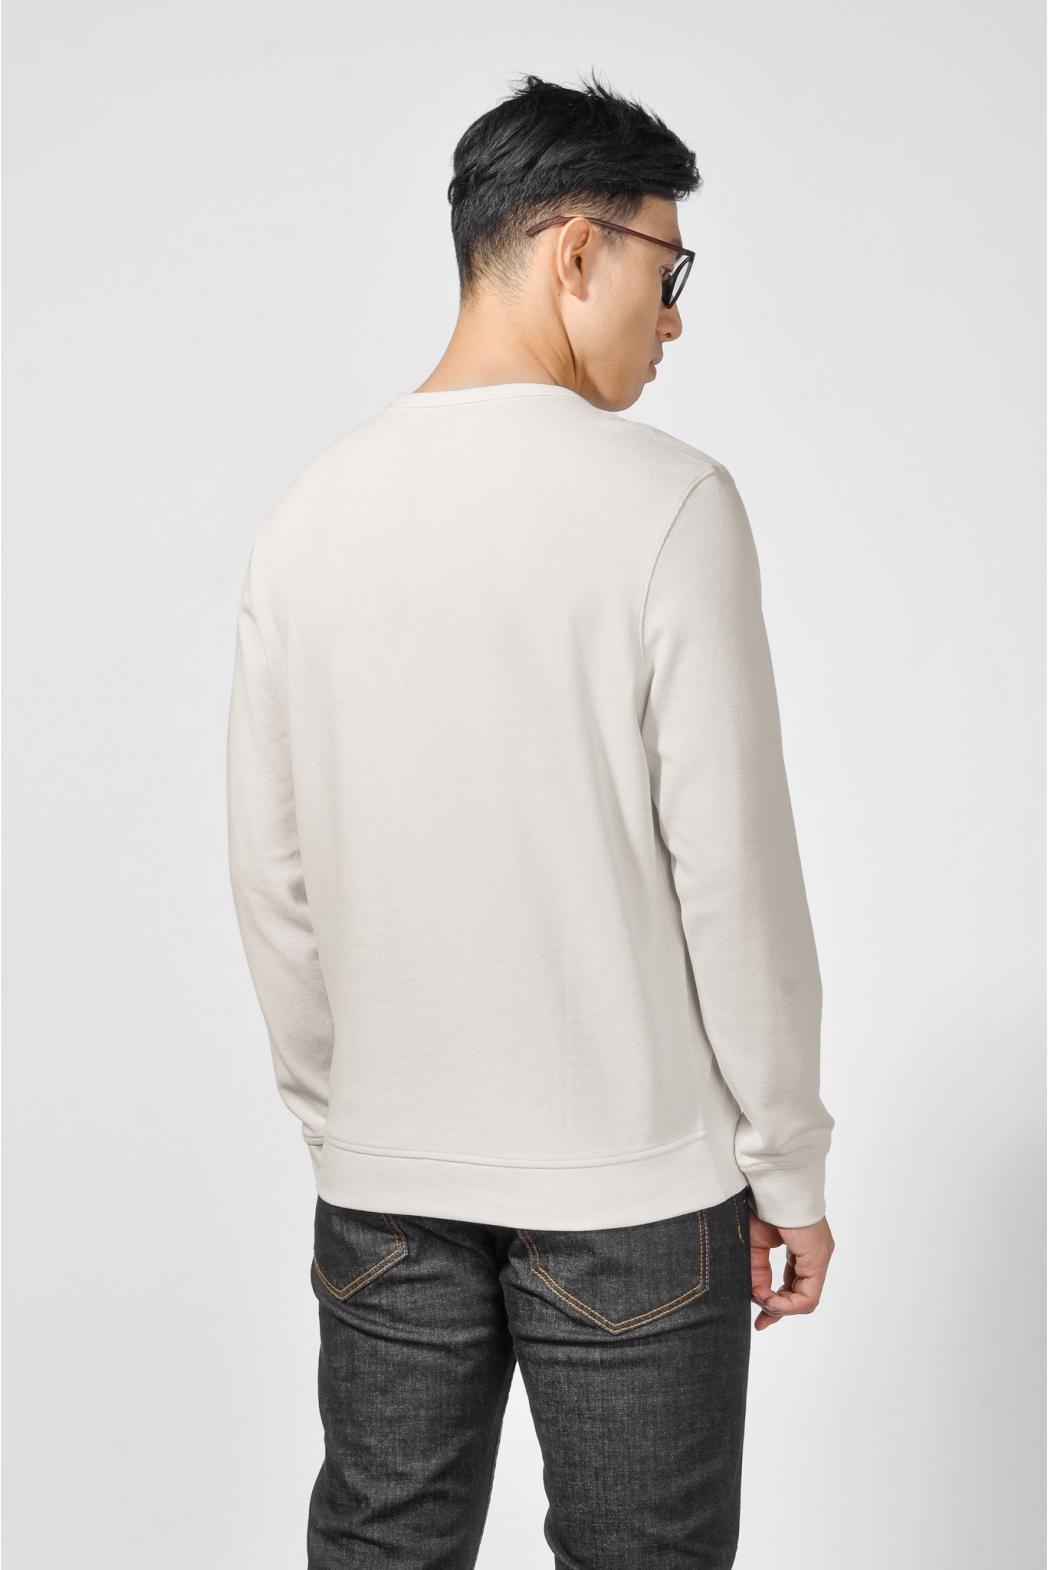 Áo thun tay dài, có túi. REGULAR form - 10F20TSH048